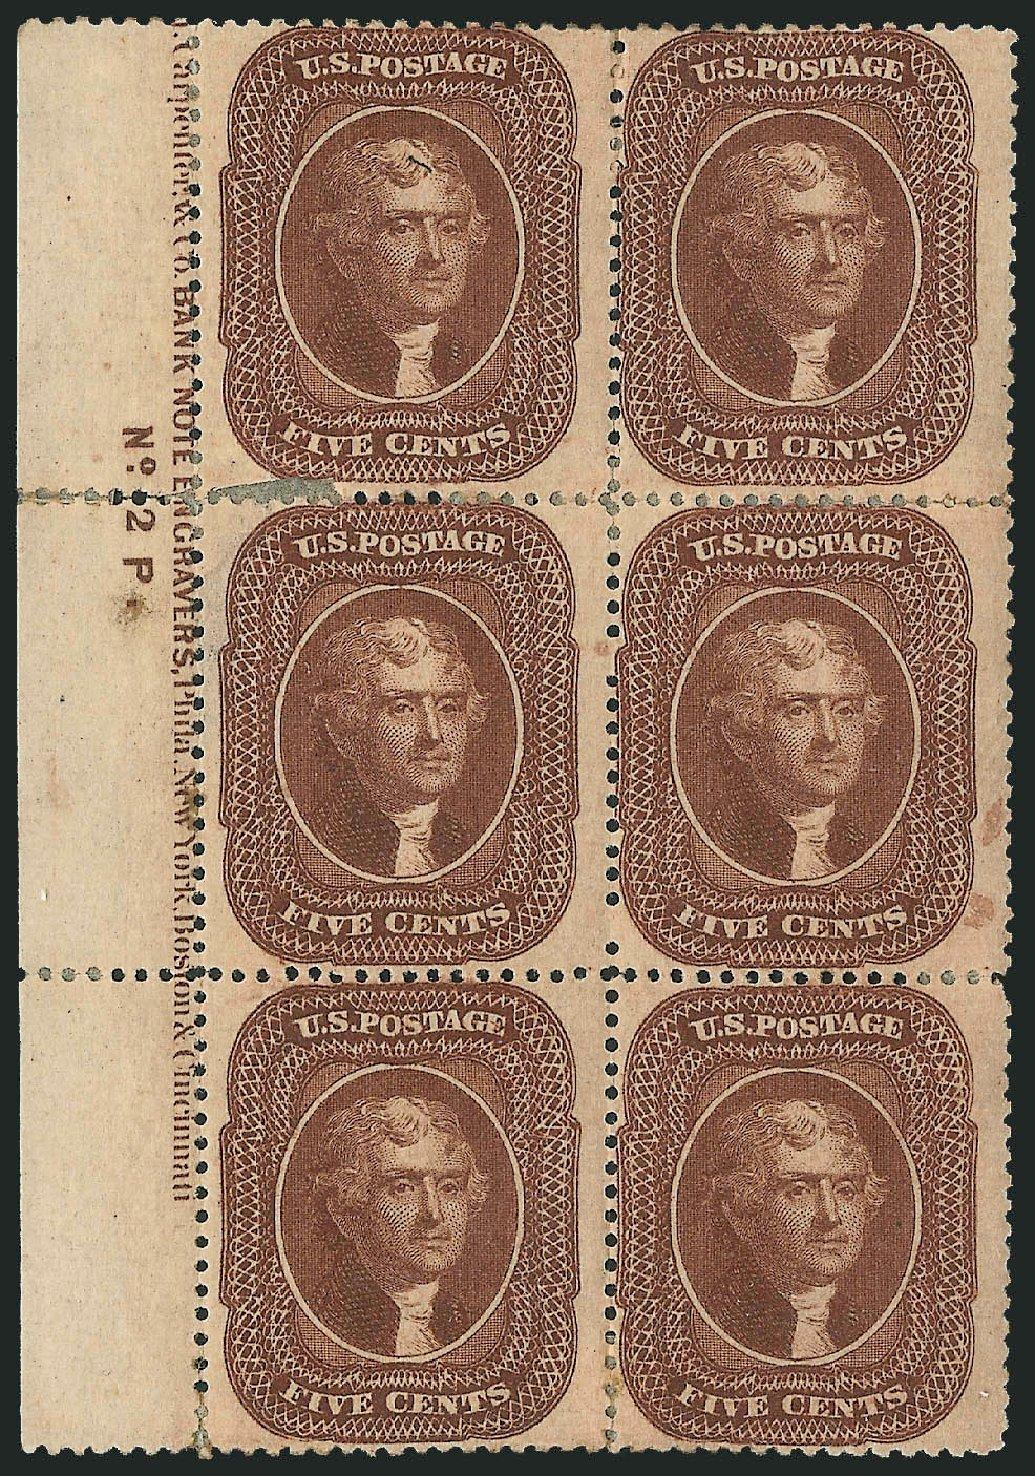 US Stamps Prices Scott Catalogue 30A: 1860 5c Jefferson. Robert Siegel Auction Galleries, Dec 2014, Sale 1090, Lot 1163